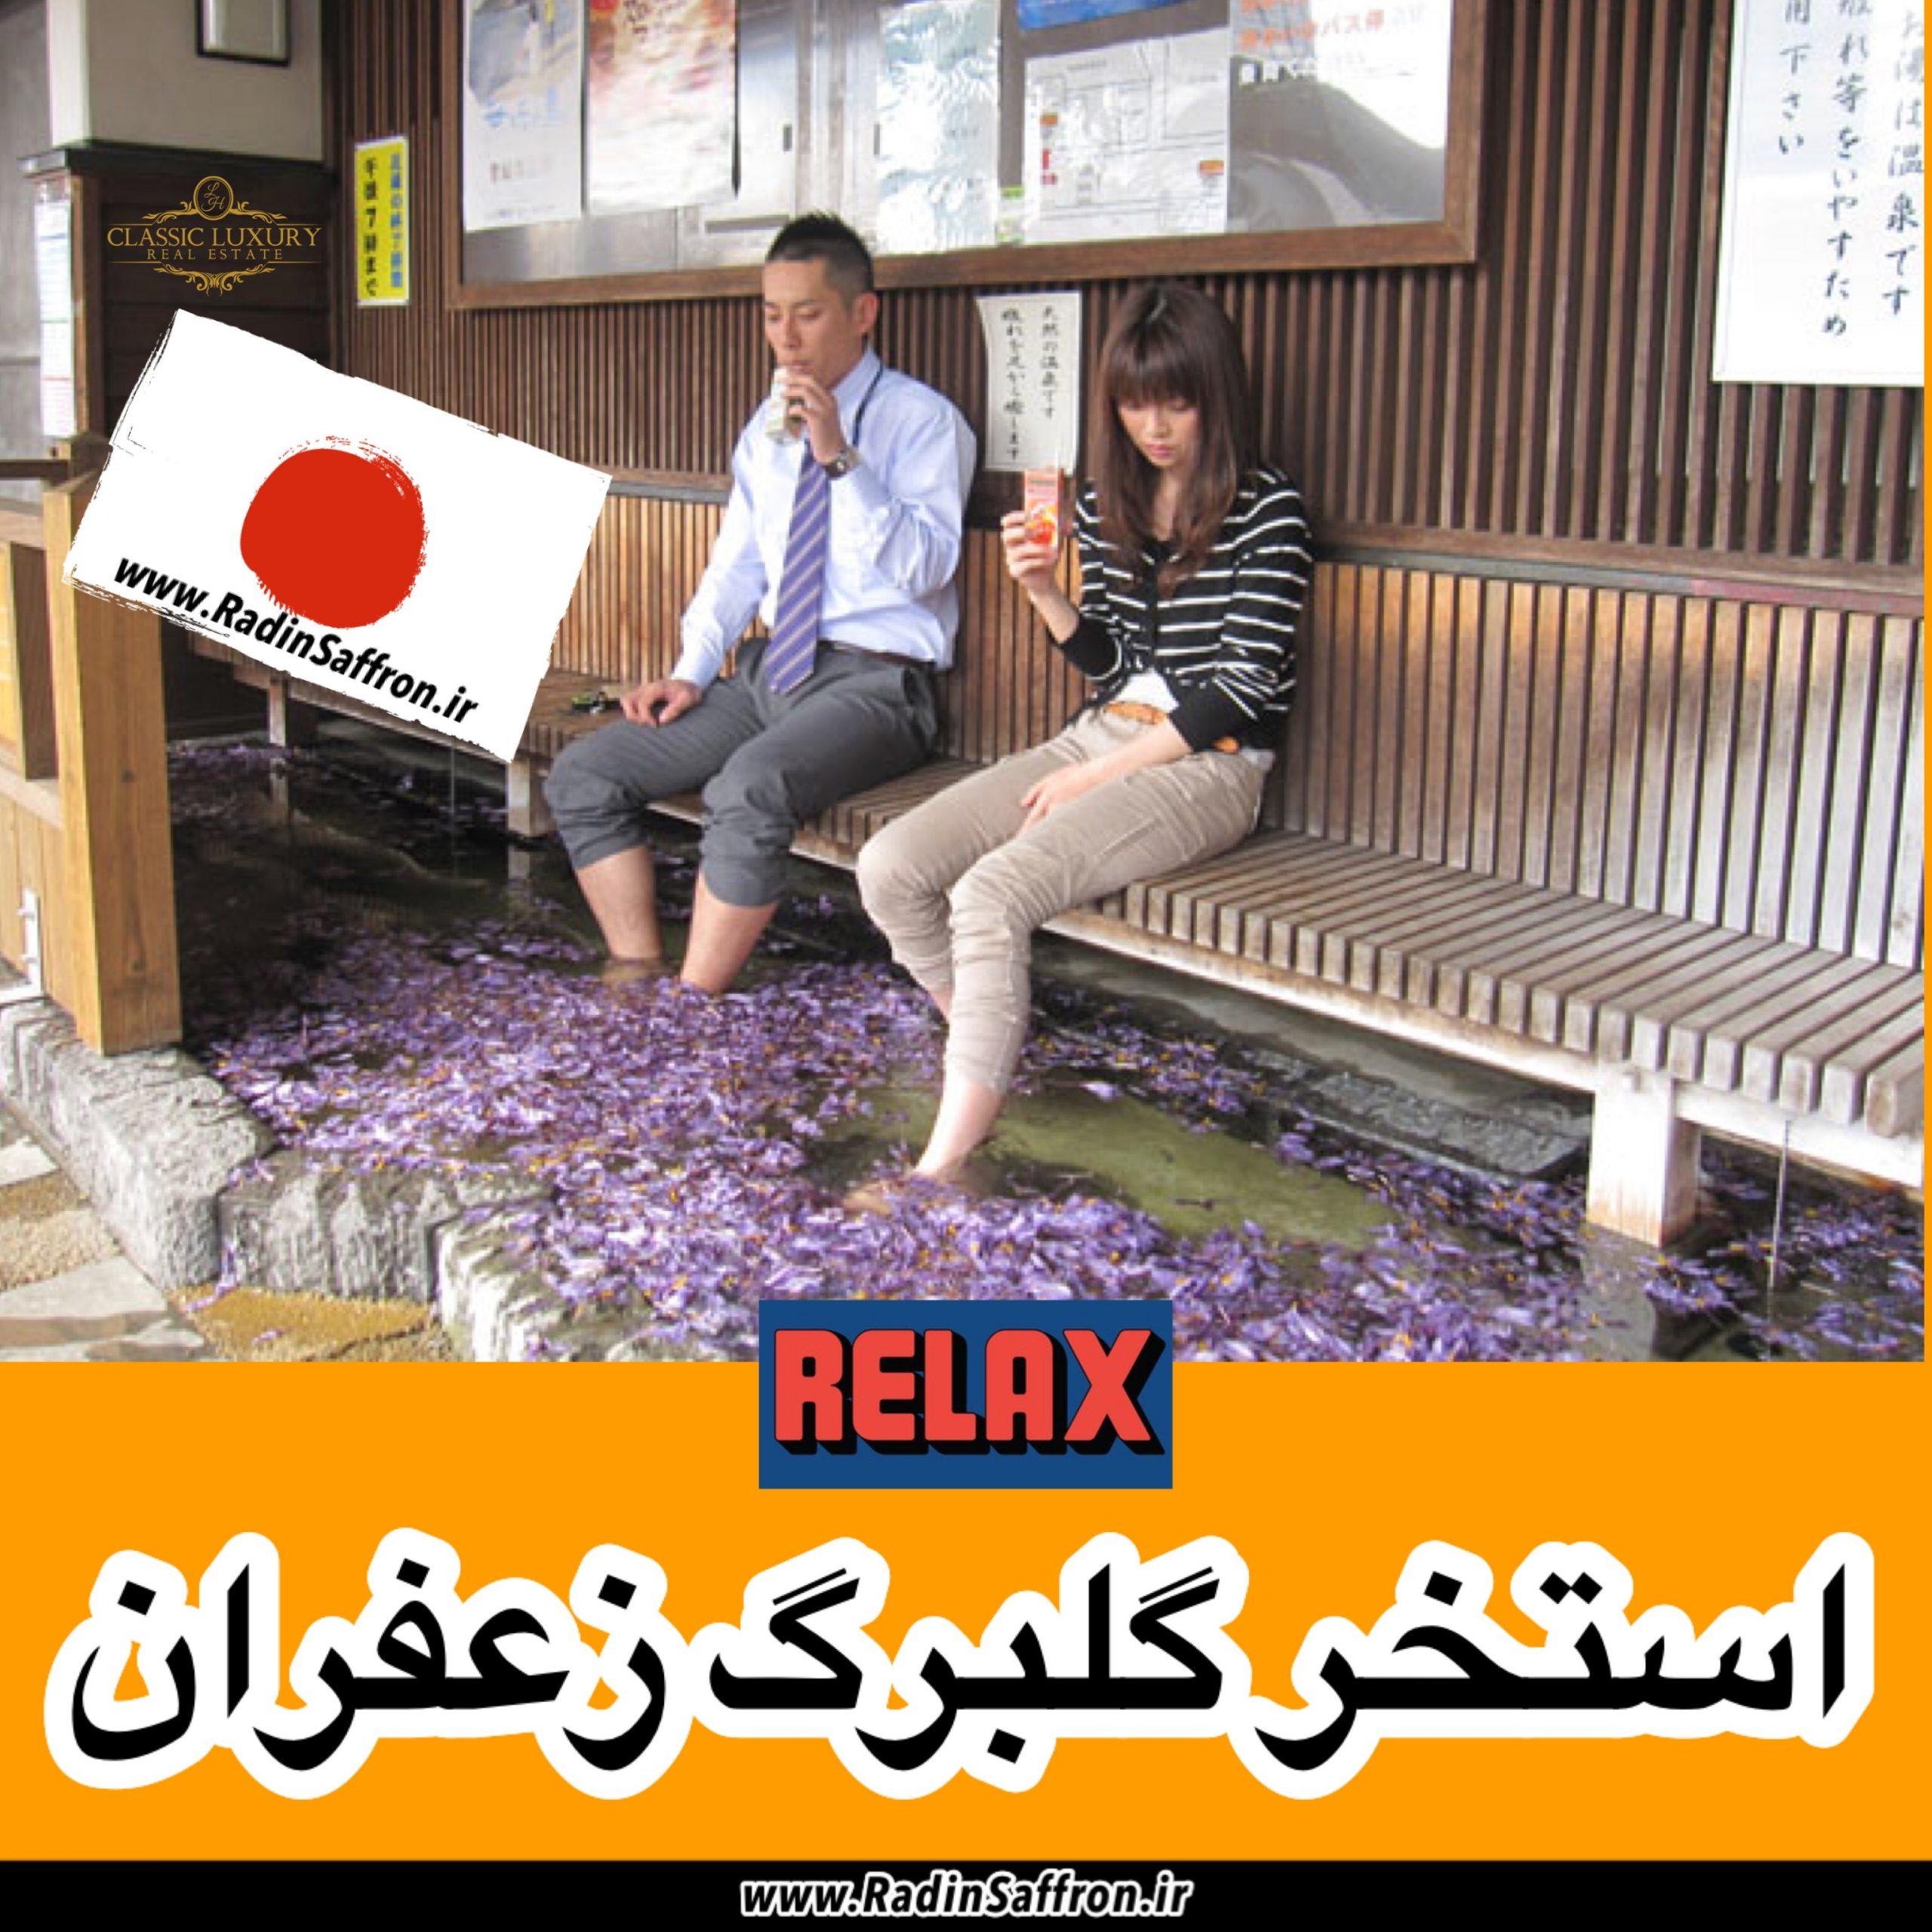 گردشگری ژاپن با استخر گلبرگ زعفران + گزارش تصویری